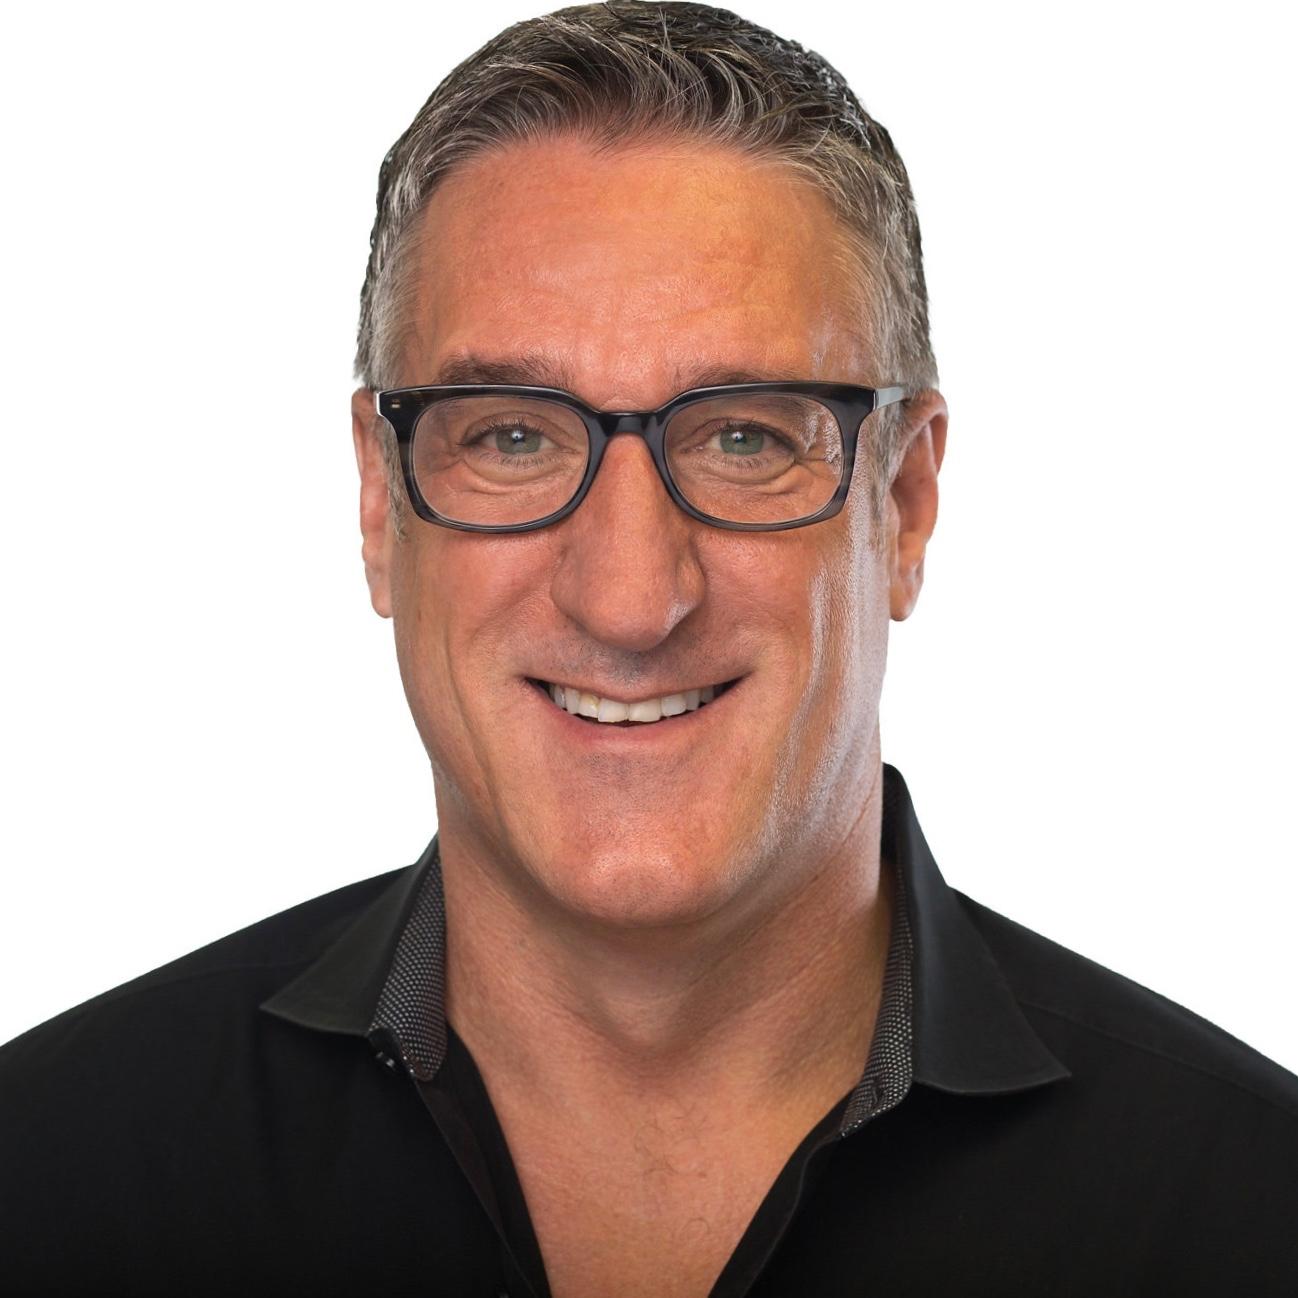 Steve Satek, GLCT President